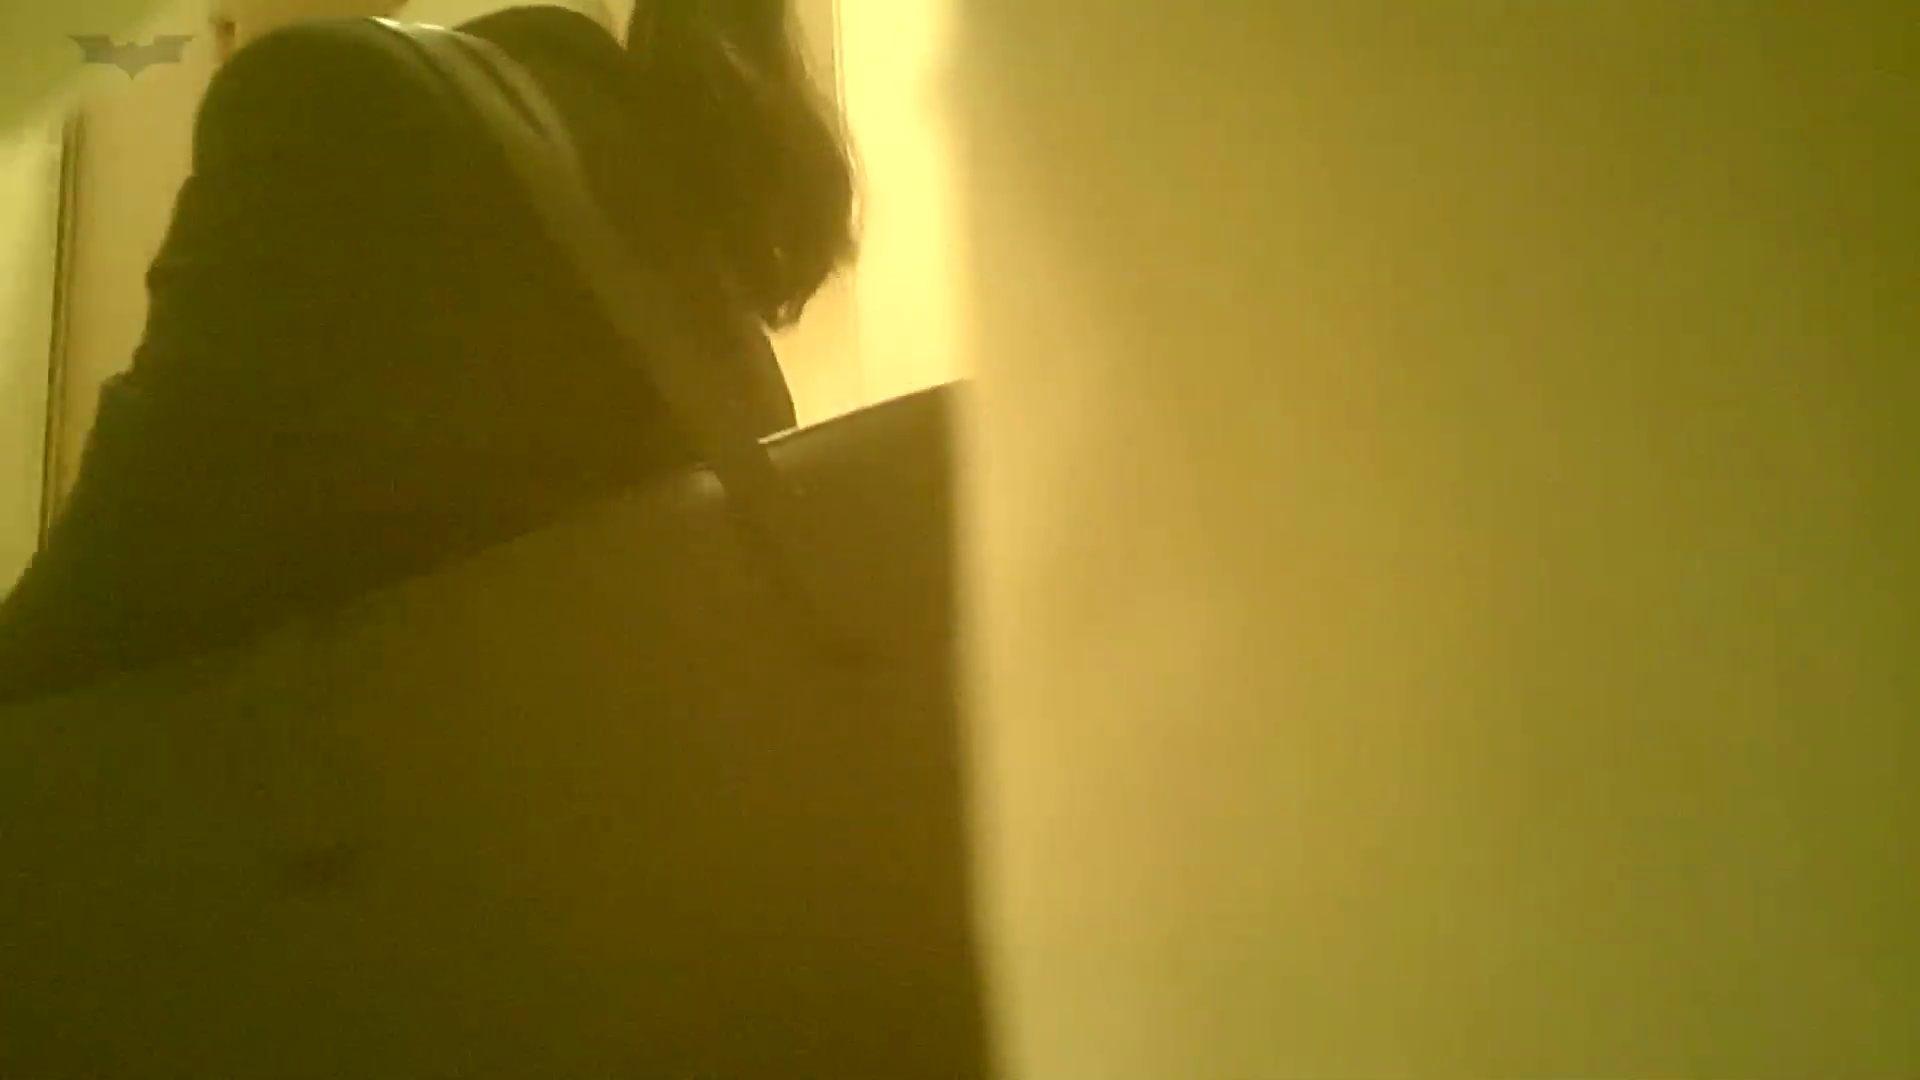 有名大学女性洗面所 vol.48 おっ、脱いじゃう感じだっ!!しかも粒ぞろい 排泄 ワレメ動画紹介 34画像 19